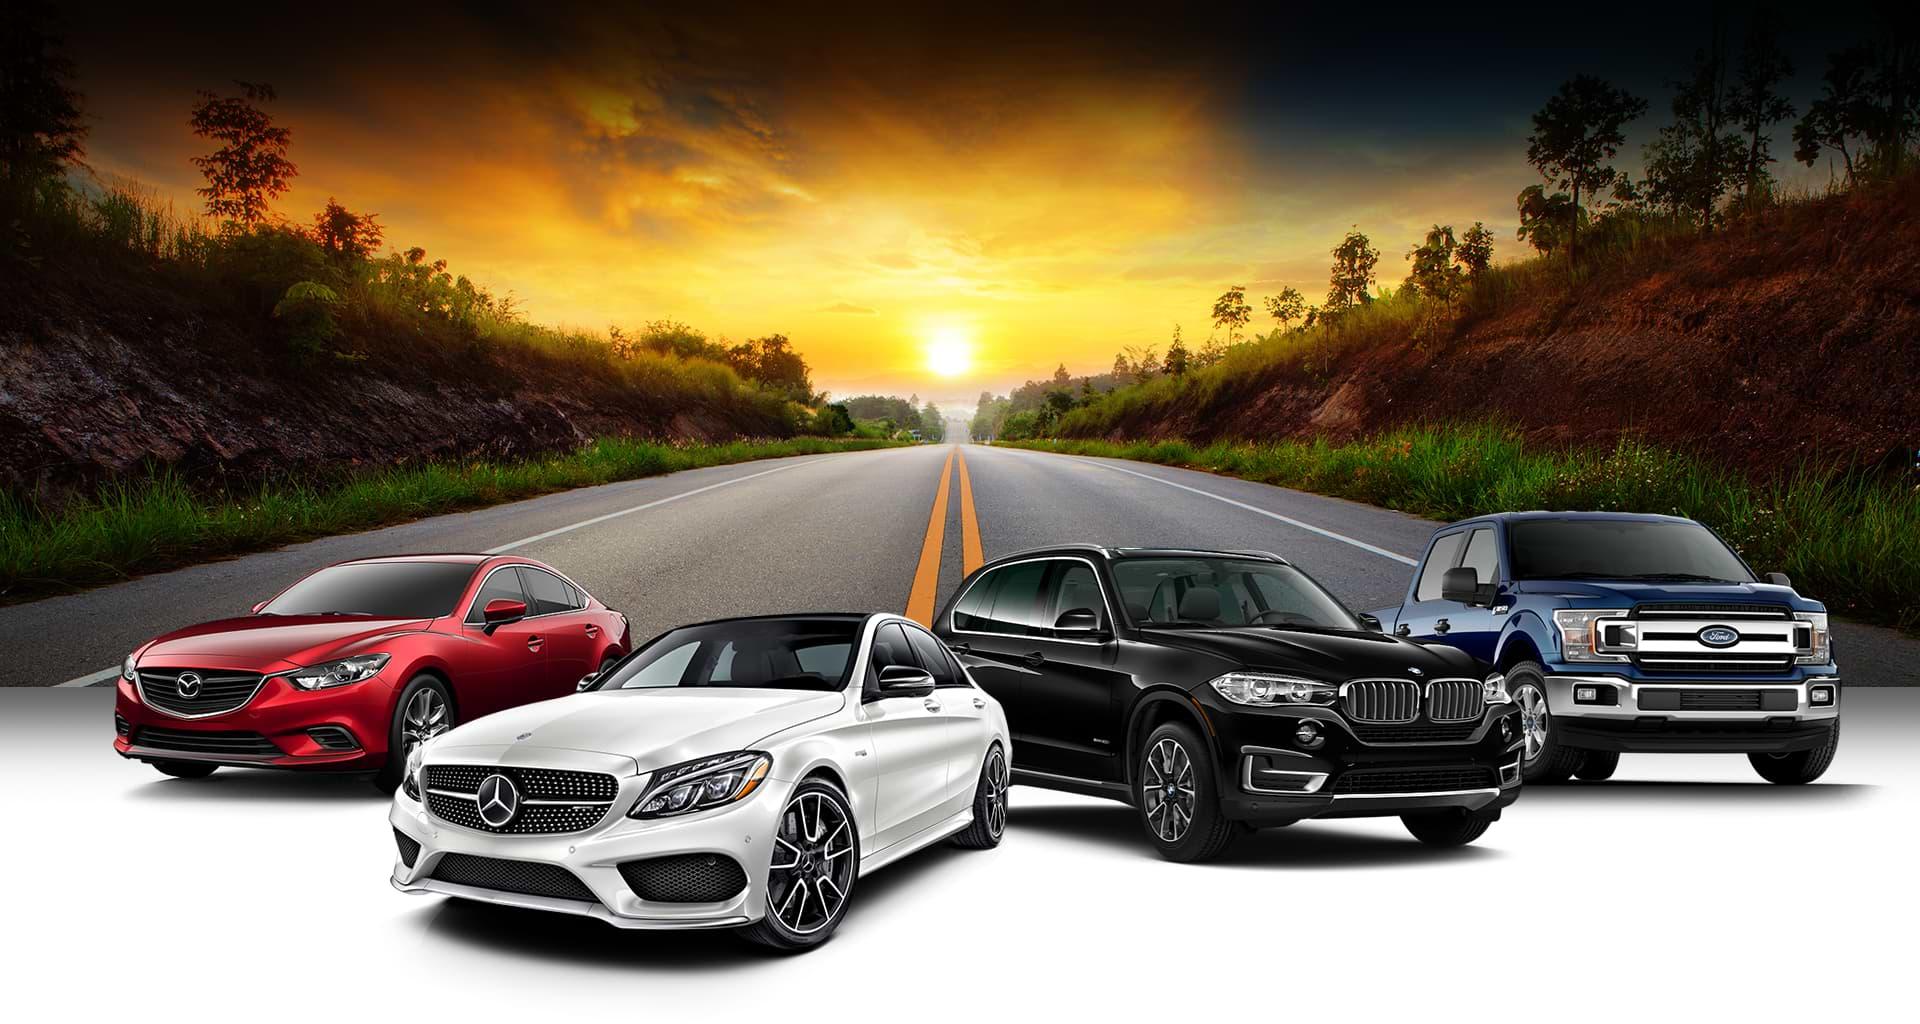 BMW, Ford, Mazda, Mercedes-Benz Dealerships McAllen TX ...